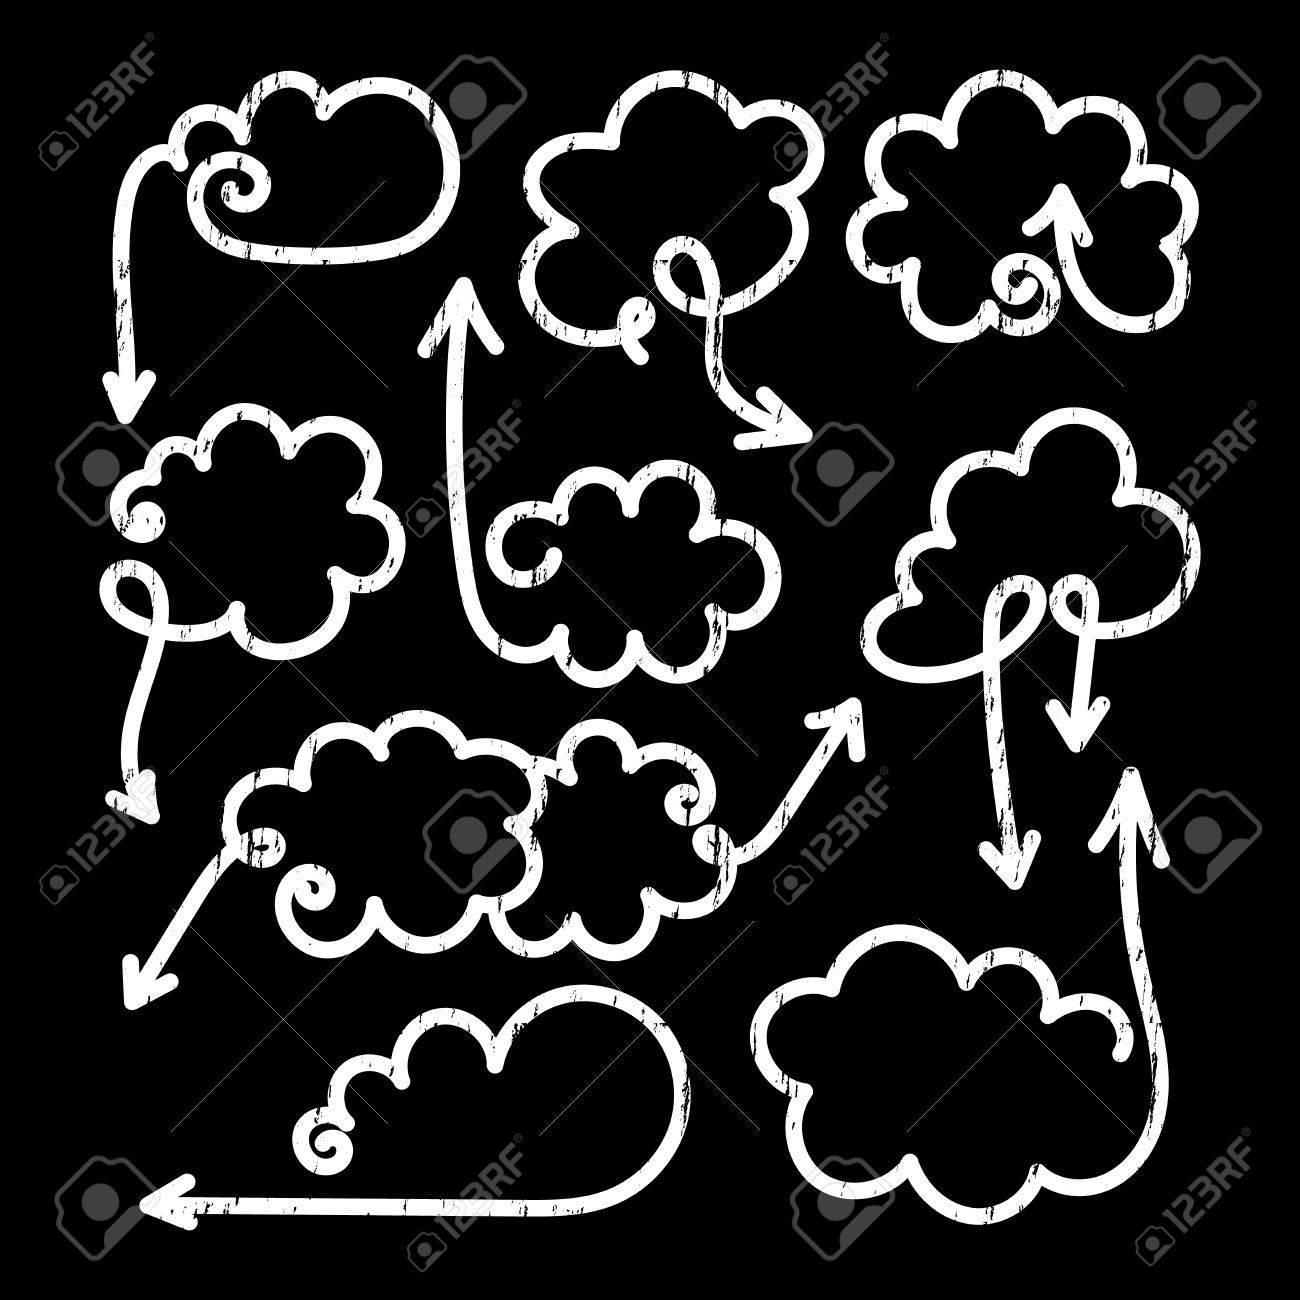 1300x1300 Set Of Speech Bubbles With Arrows. Empty Cloud Citation Template